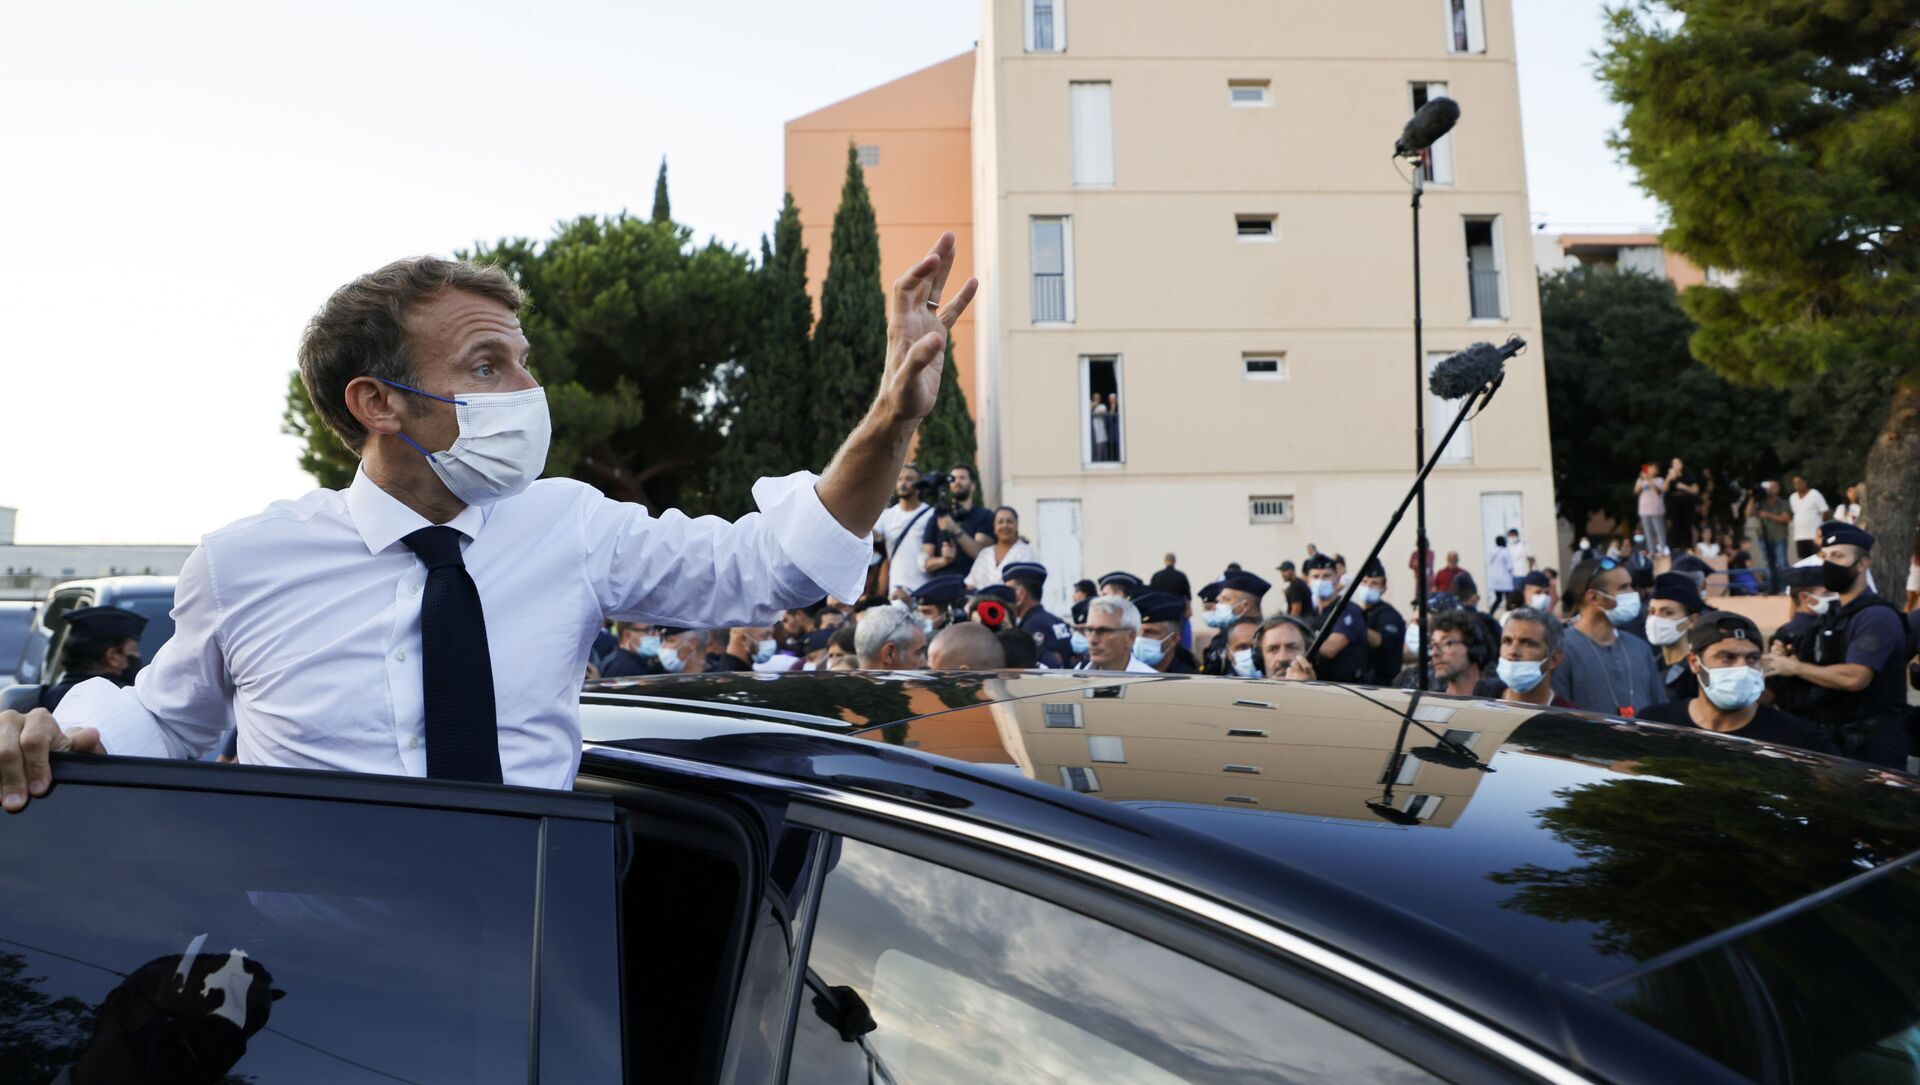 Emmanuel Macron lors de sa visite à Marseille, le 1er septembre 2021 - Sputnik France, 1920, 02.09.2021